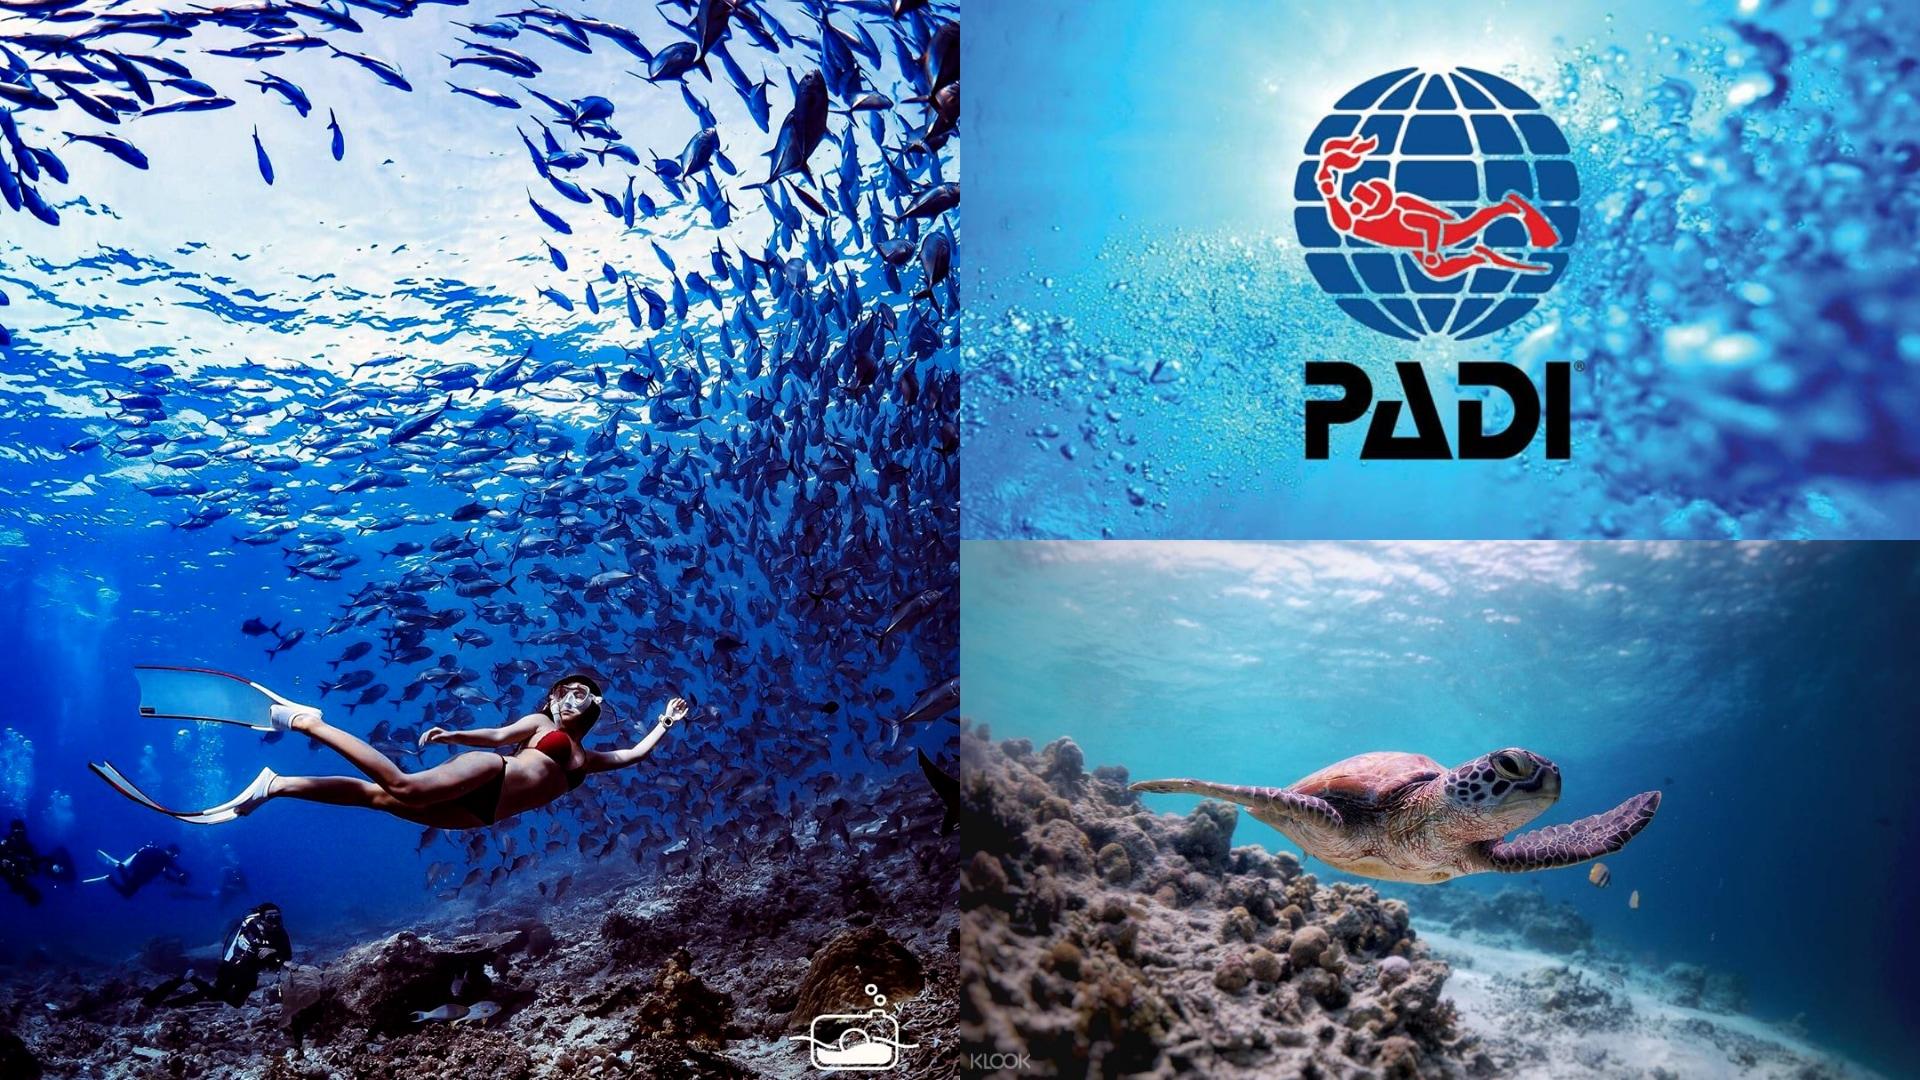 padi diving license 潛水證照